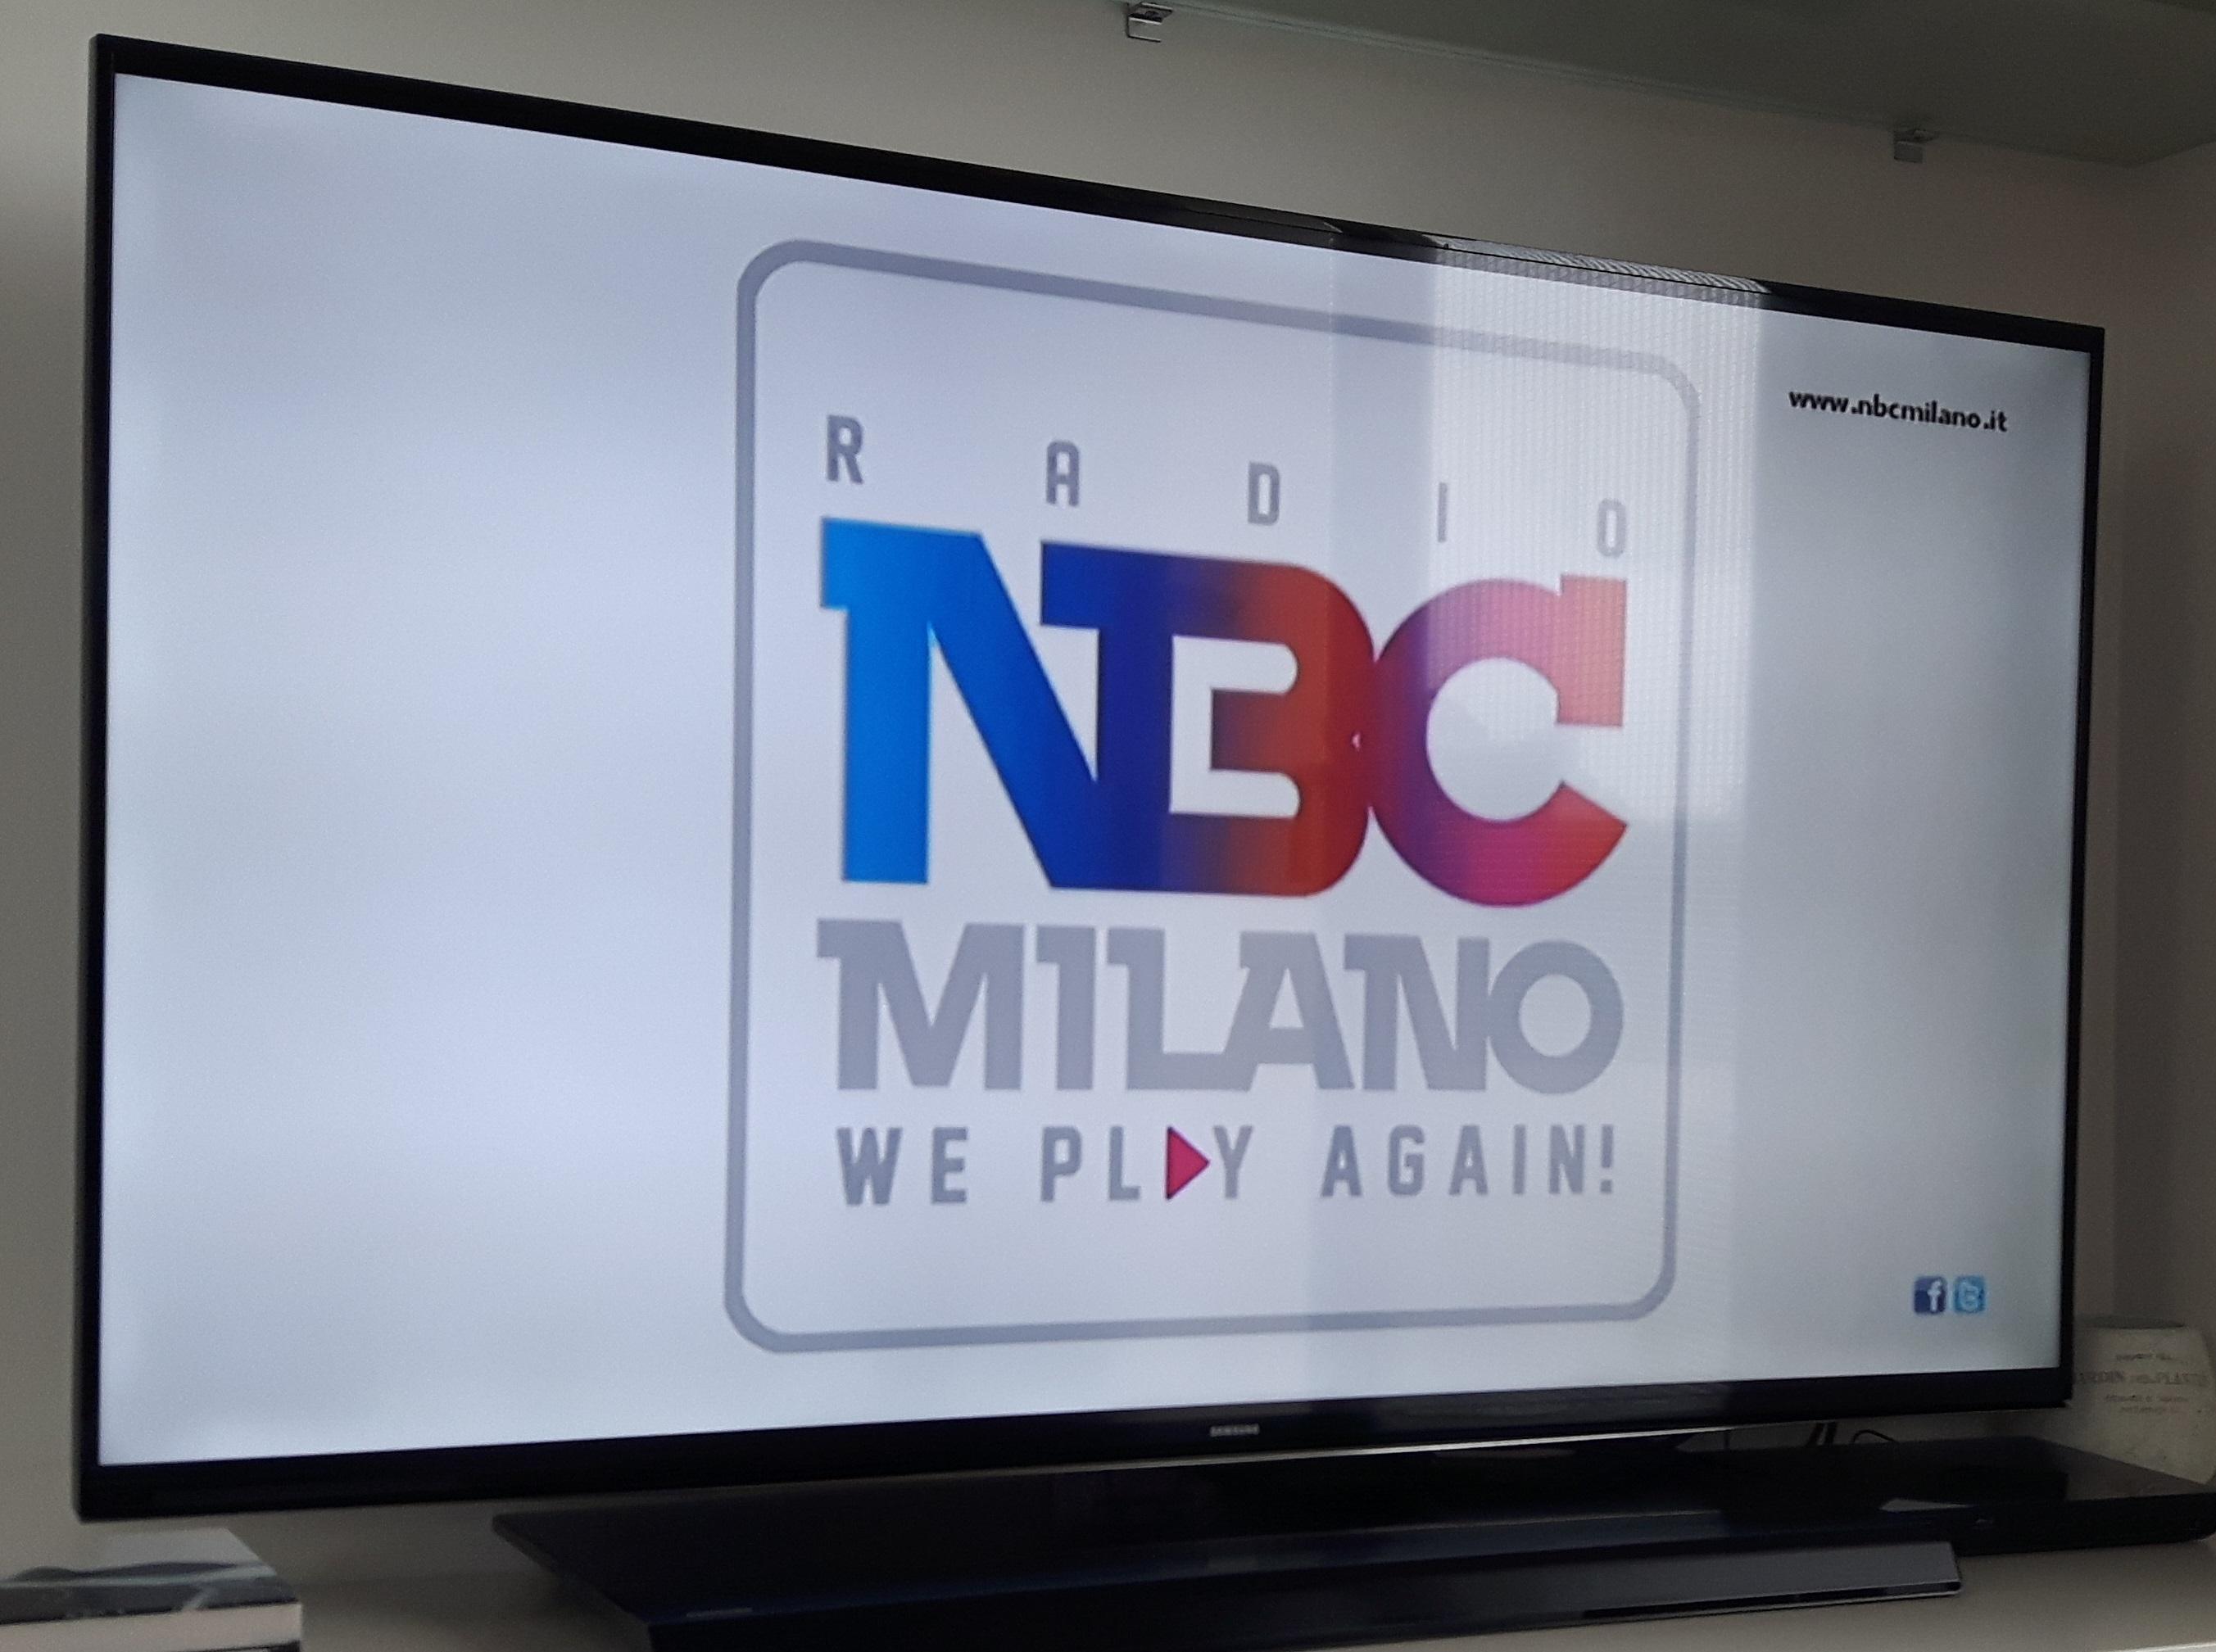 NBC Milano Tv 4 - DTT. Lombardia: avviati i test in H264 di NBC per la radiovisione